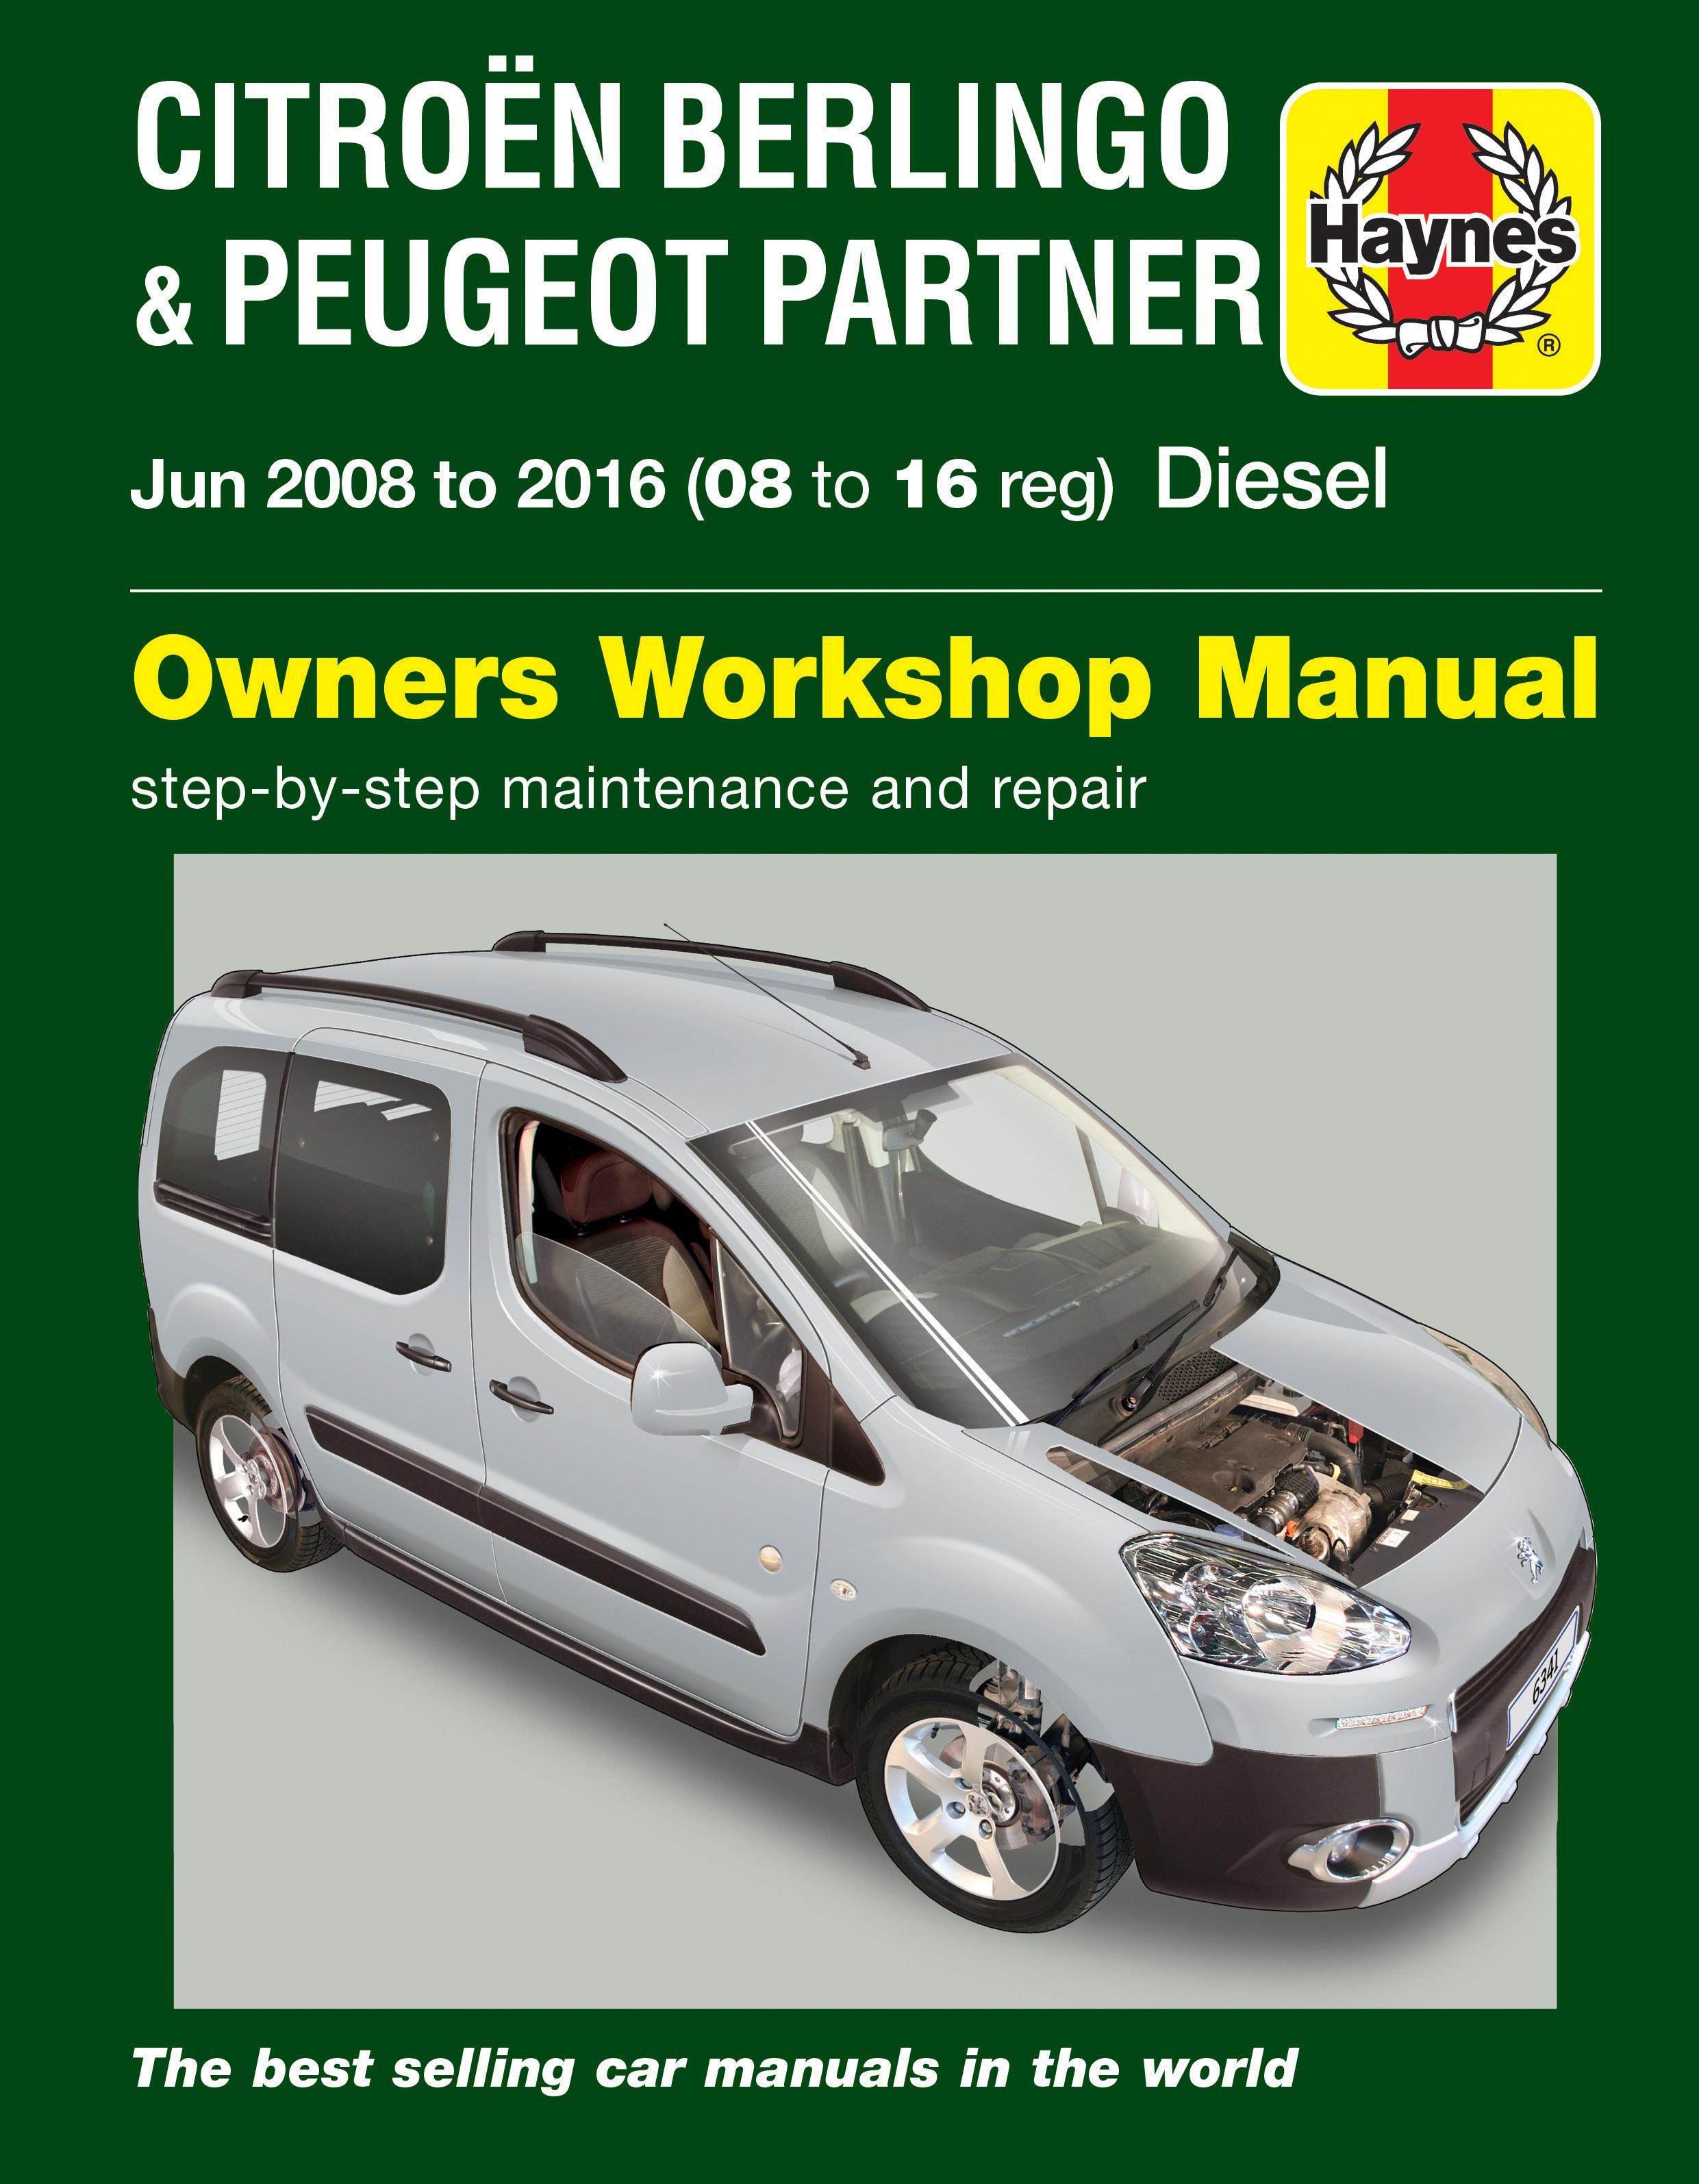 peugeot 505 engine overhaul guide free owners manual u2022 rh wordworksbysea com peugeot 505 repair manual peugeot 505 service manual pdf